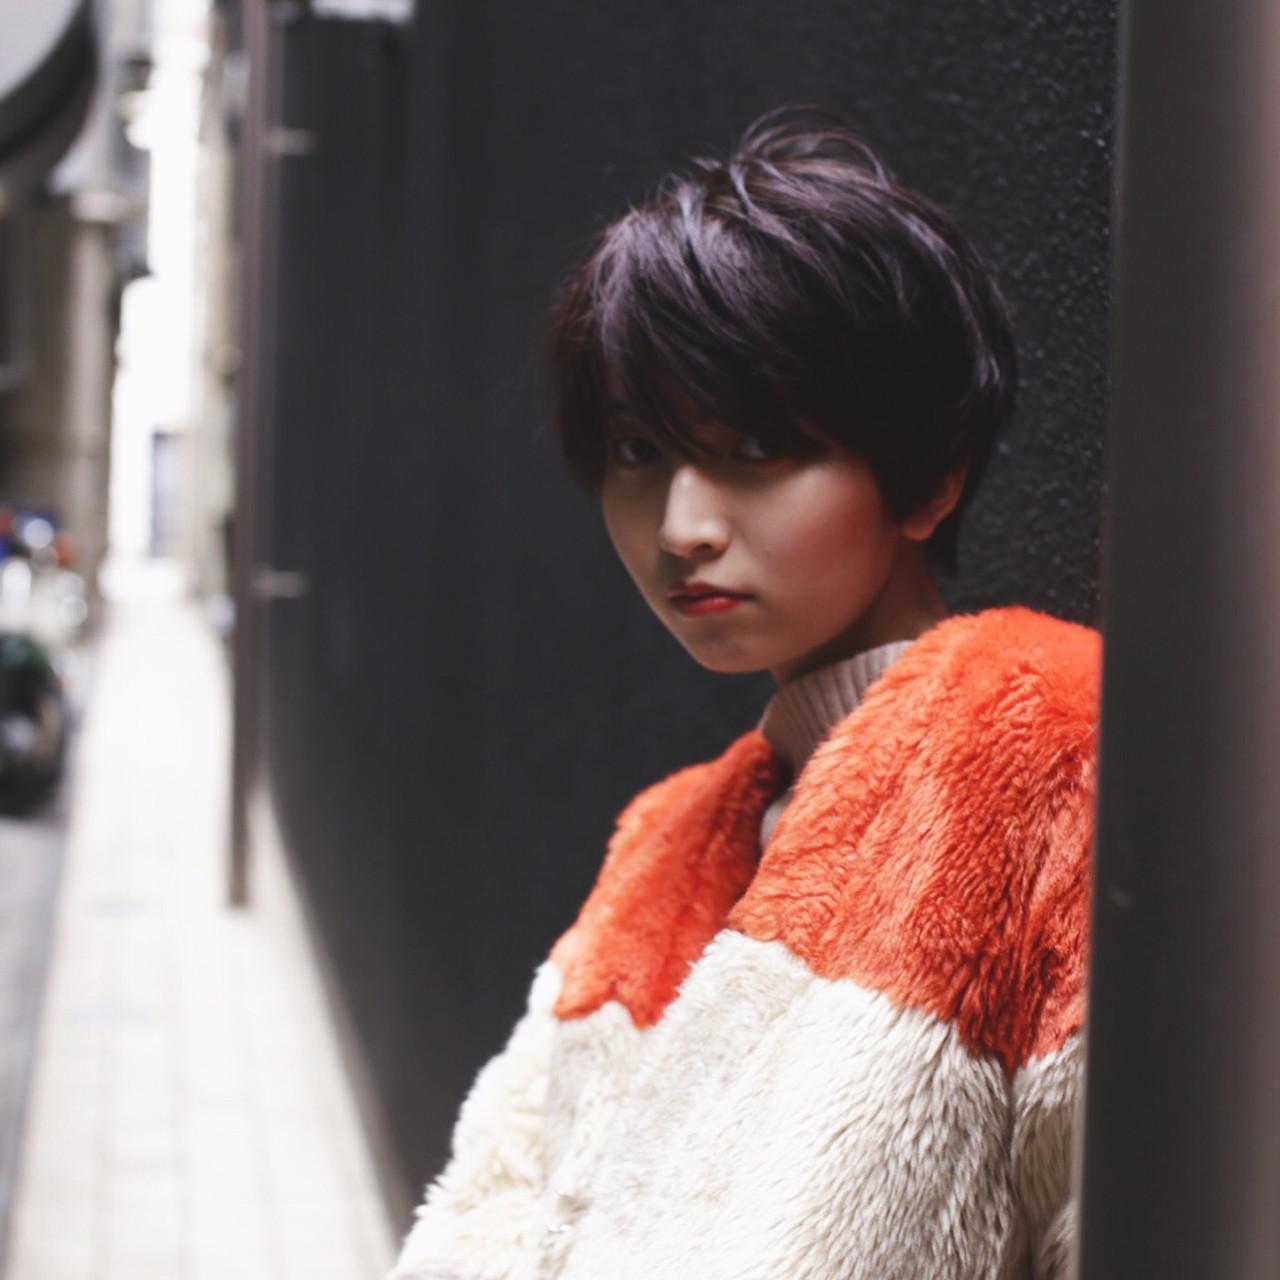 黒髪ショートの清楚さが人気。愛されヘアスタイルをつくろう  及川 大輝